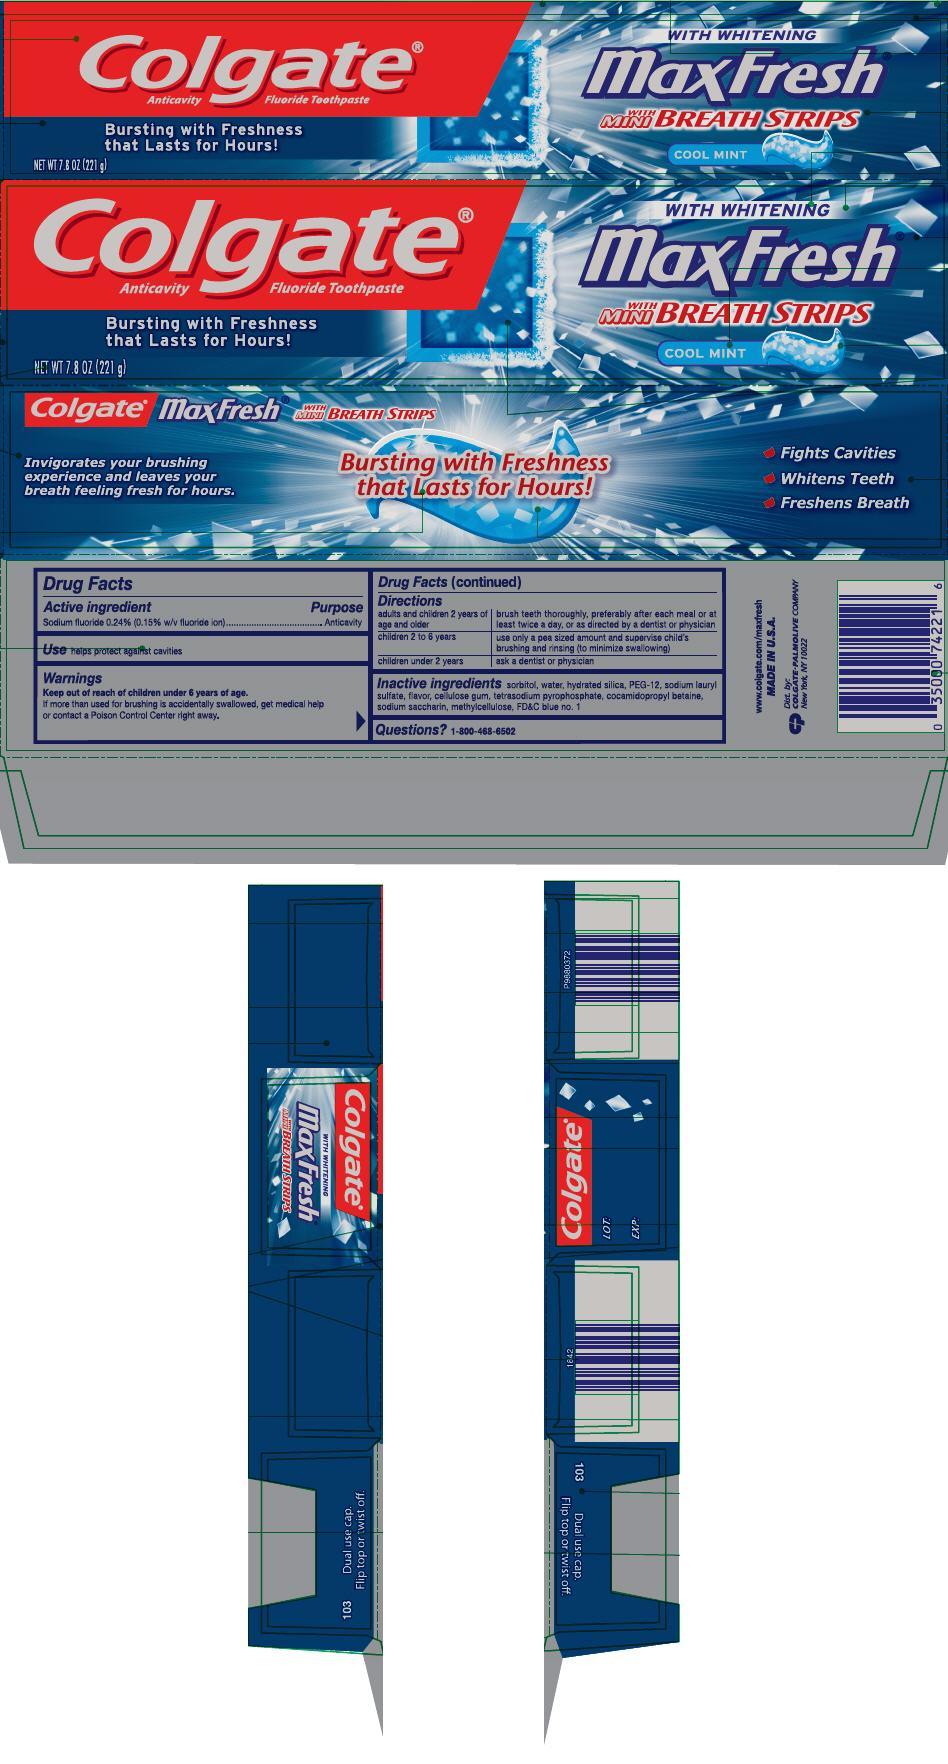 PRINCIPAL DISPLAY PANEL - 170 g Tube Carton